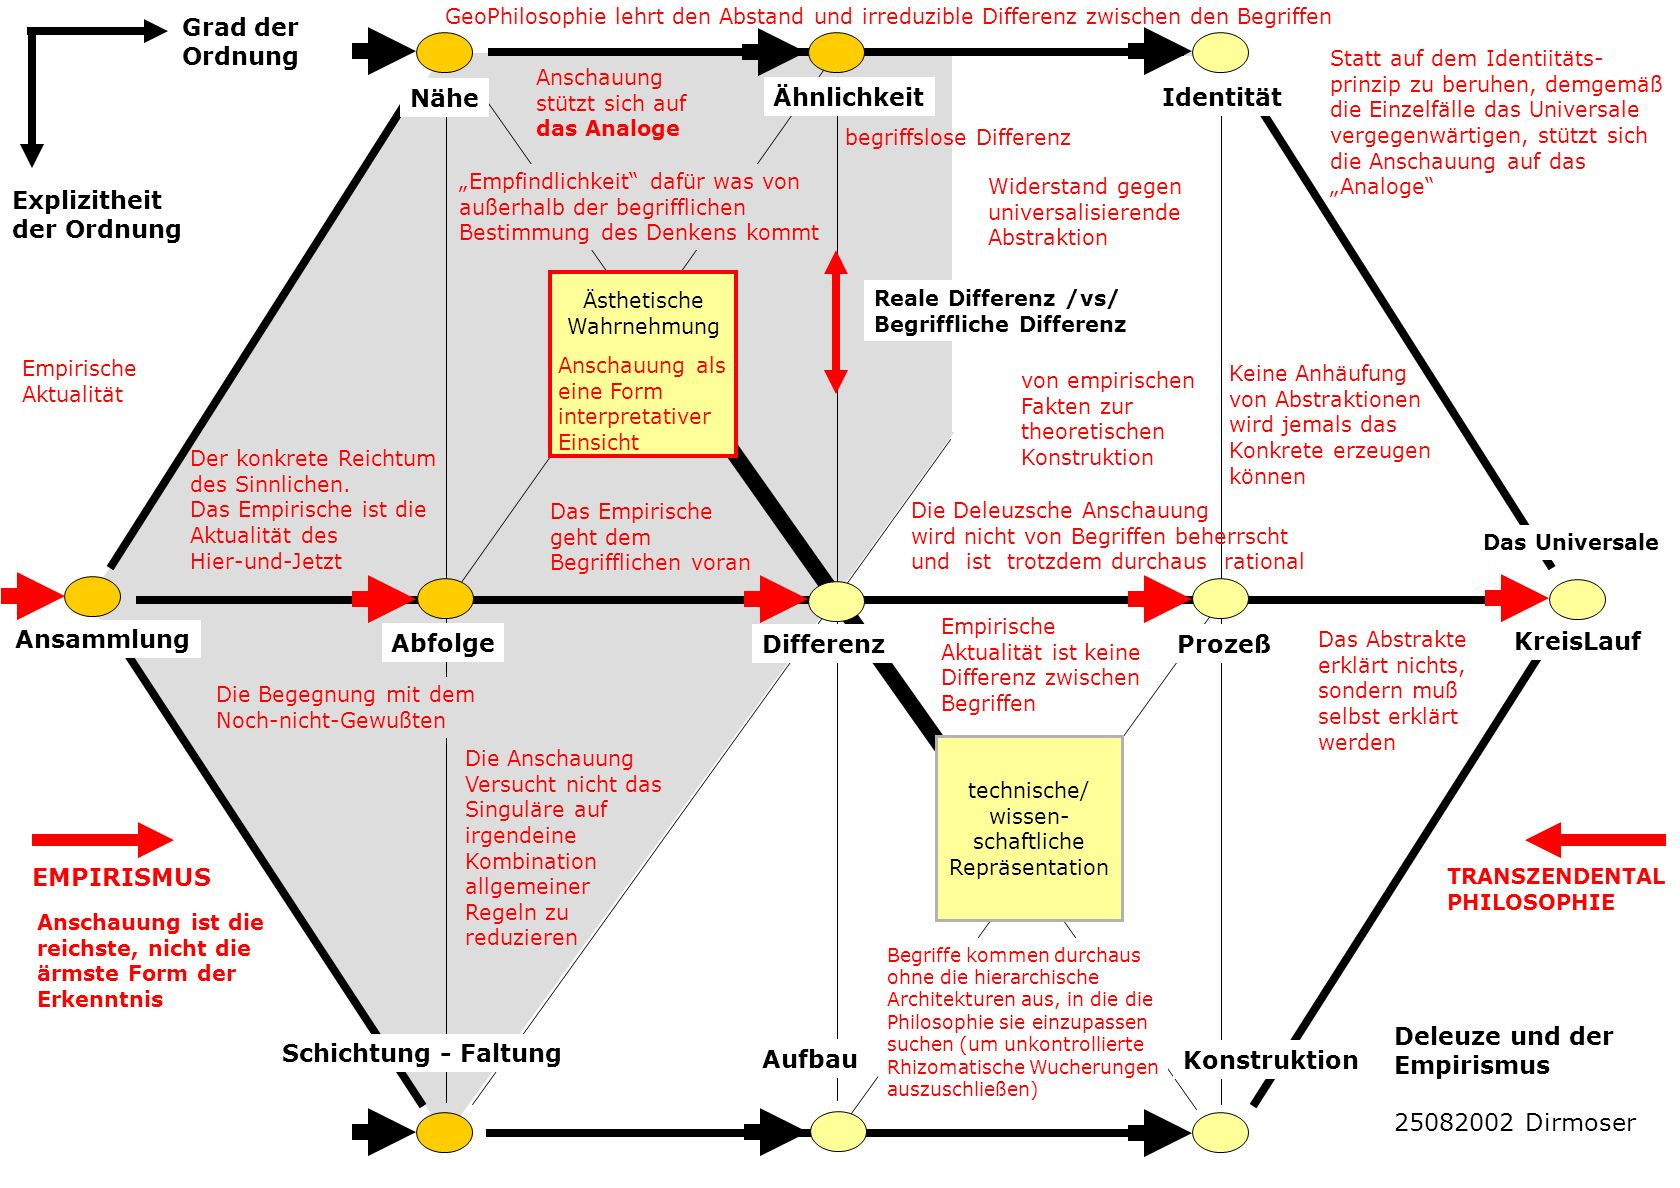 Ähnlichkeit Nähe Identität Ansammlung Abfolge DifferenzProzeß KreisLauf Schichtung - Faltung Aufbau Konstruktion Geometrische Ideale Komplexer Ablauf Synchronopse Notation Körper Organismus Karte Topographie Analoge Repräsentation Netz Baum Rhizom Genealogie Architektur Architektonik Konfiguration Modell Techn.